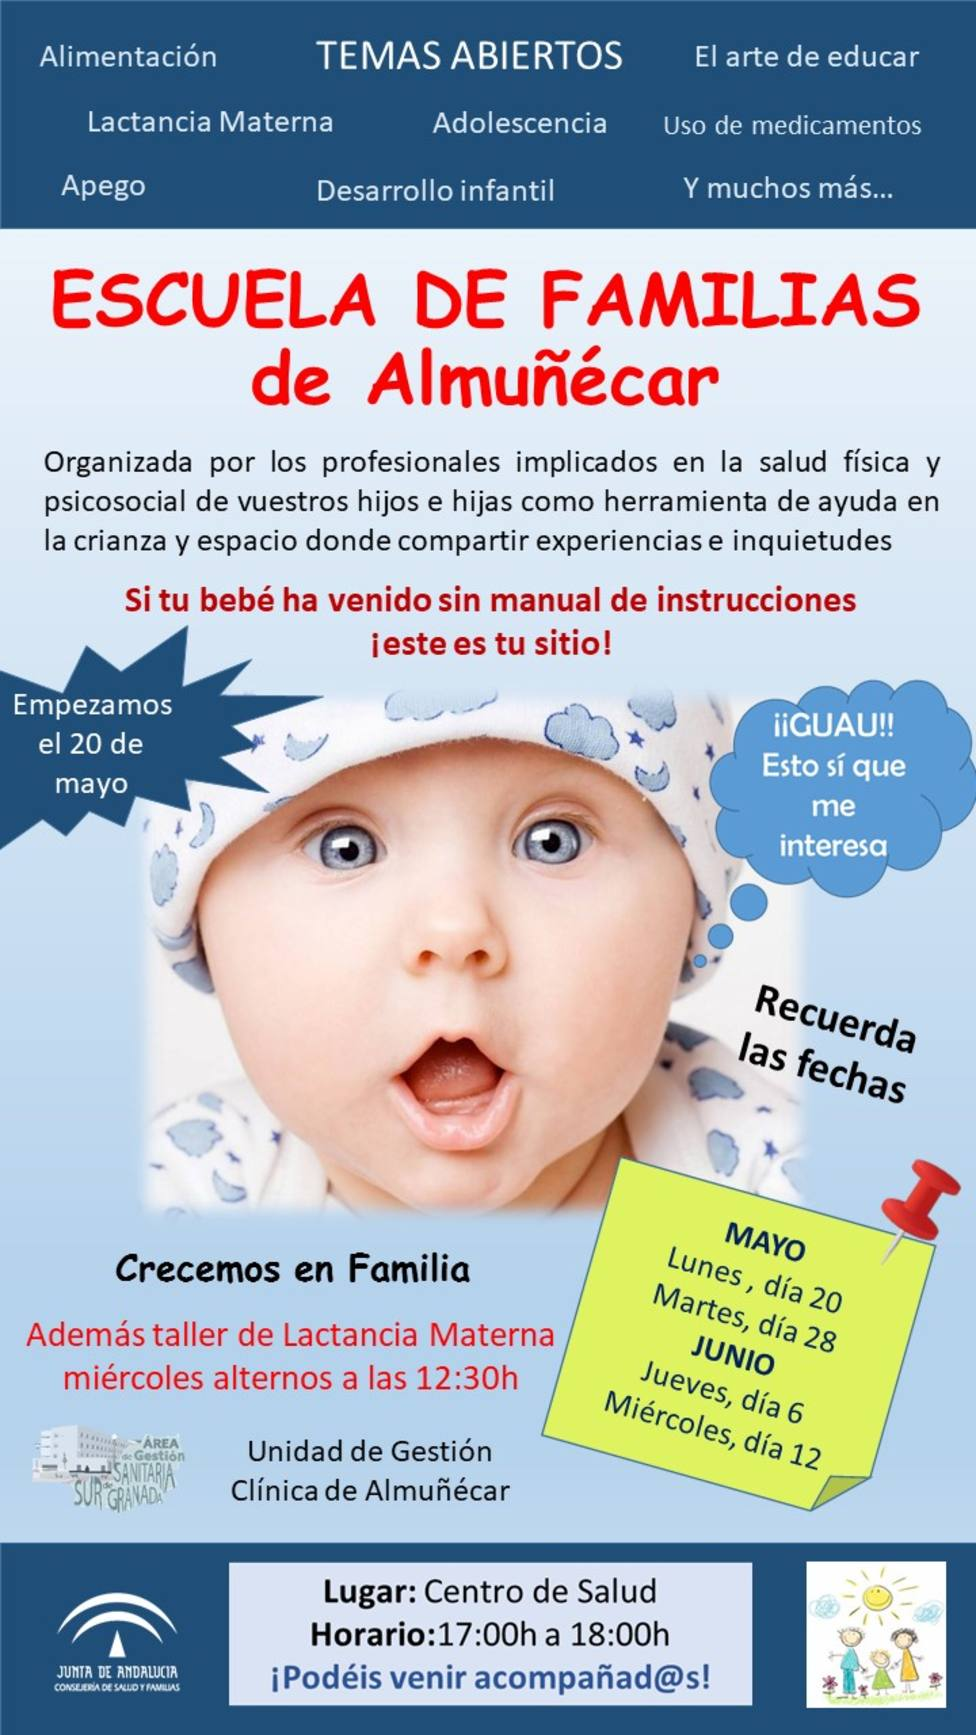 Escuela de familias Almuñécar